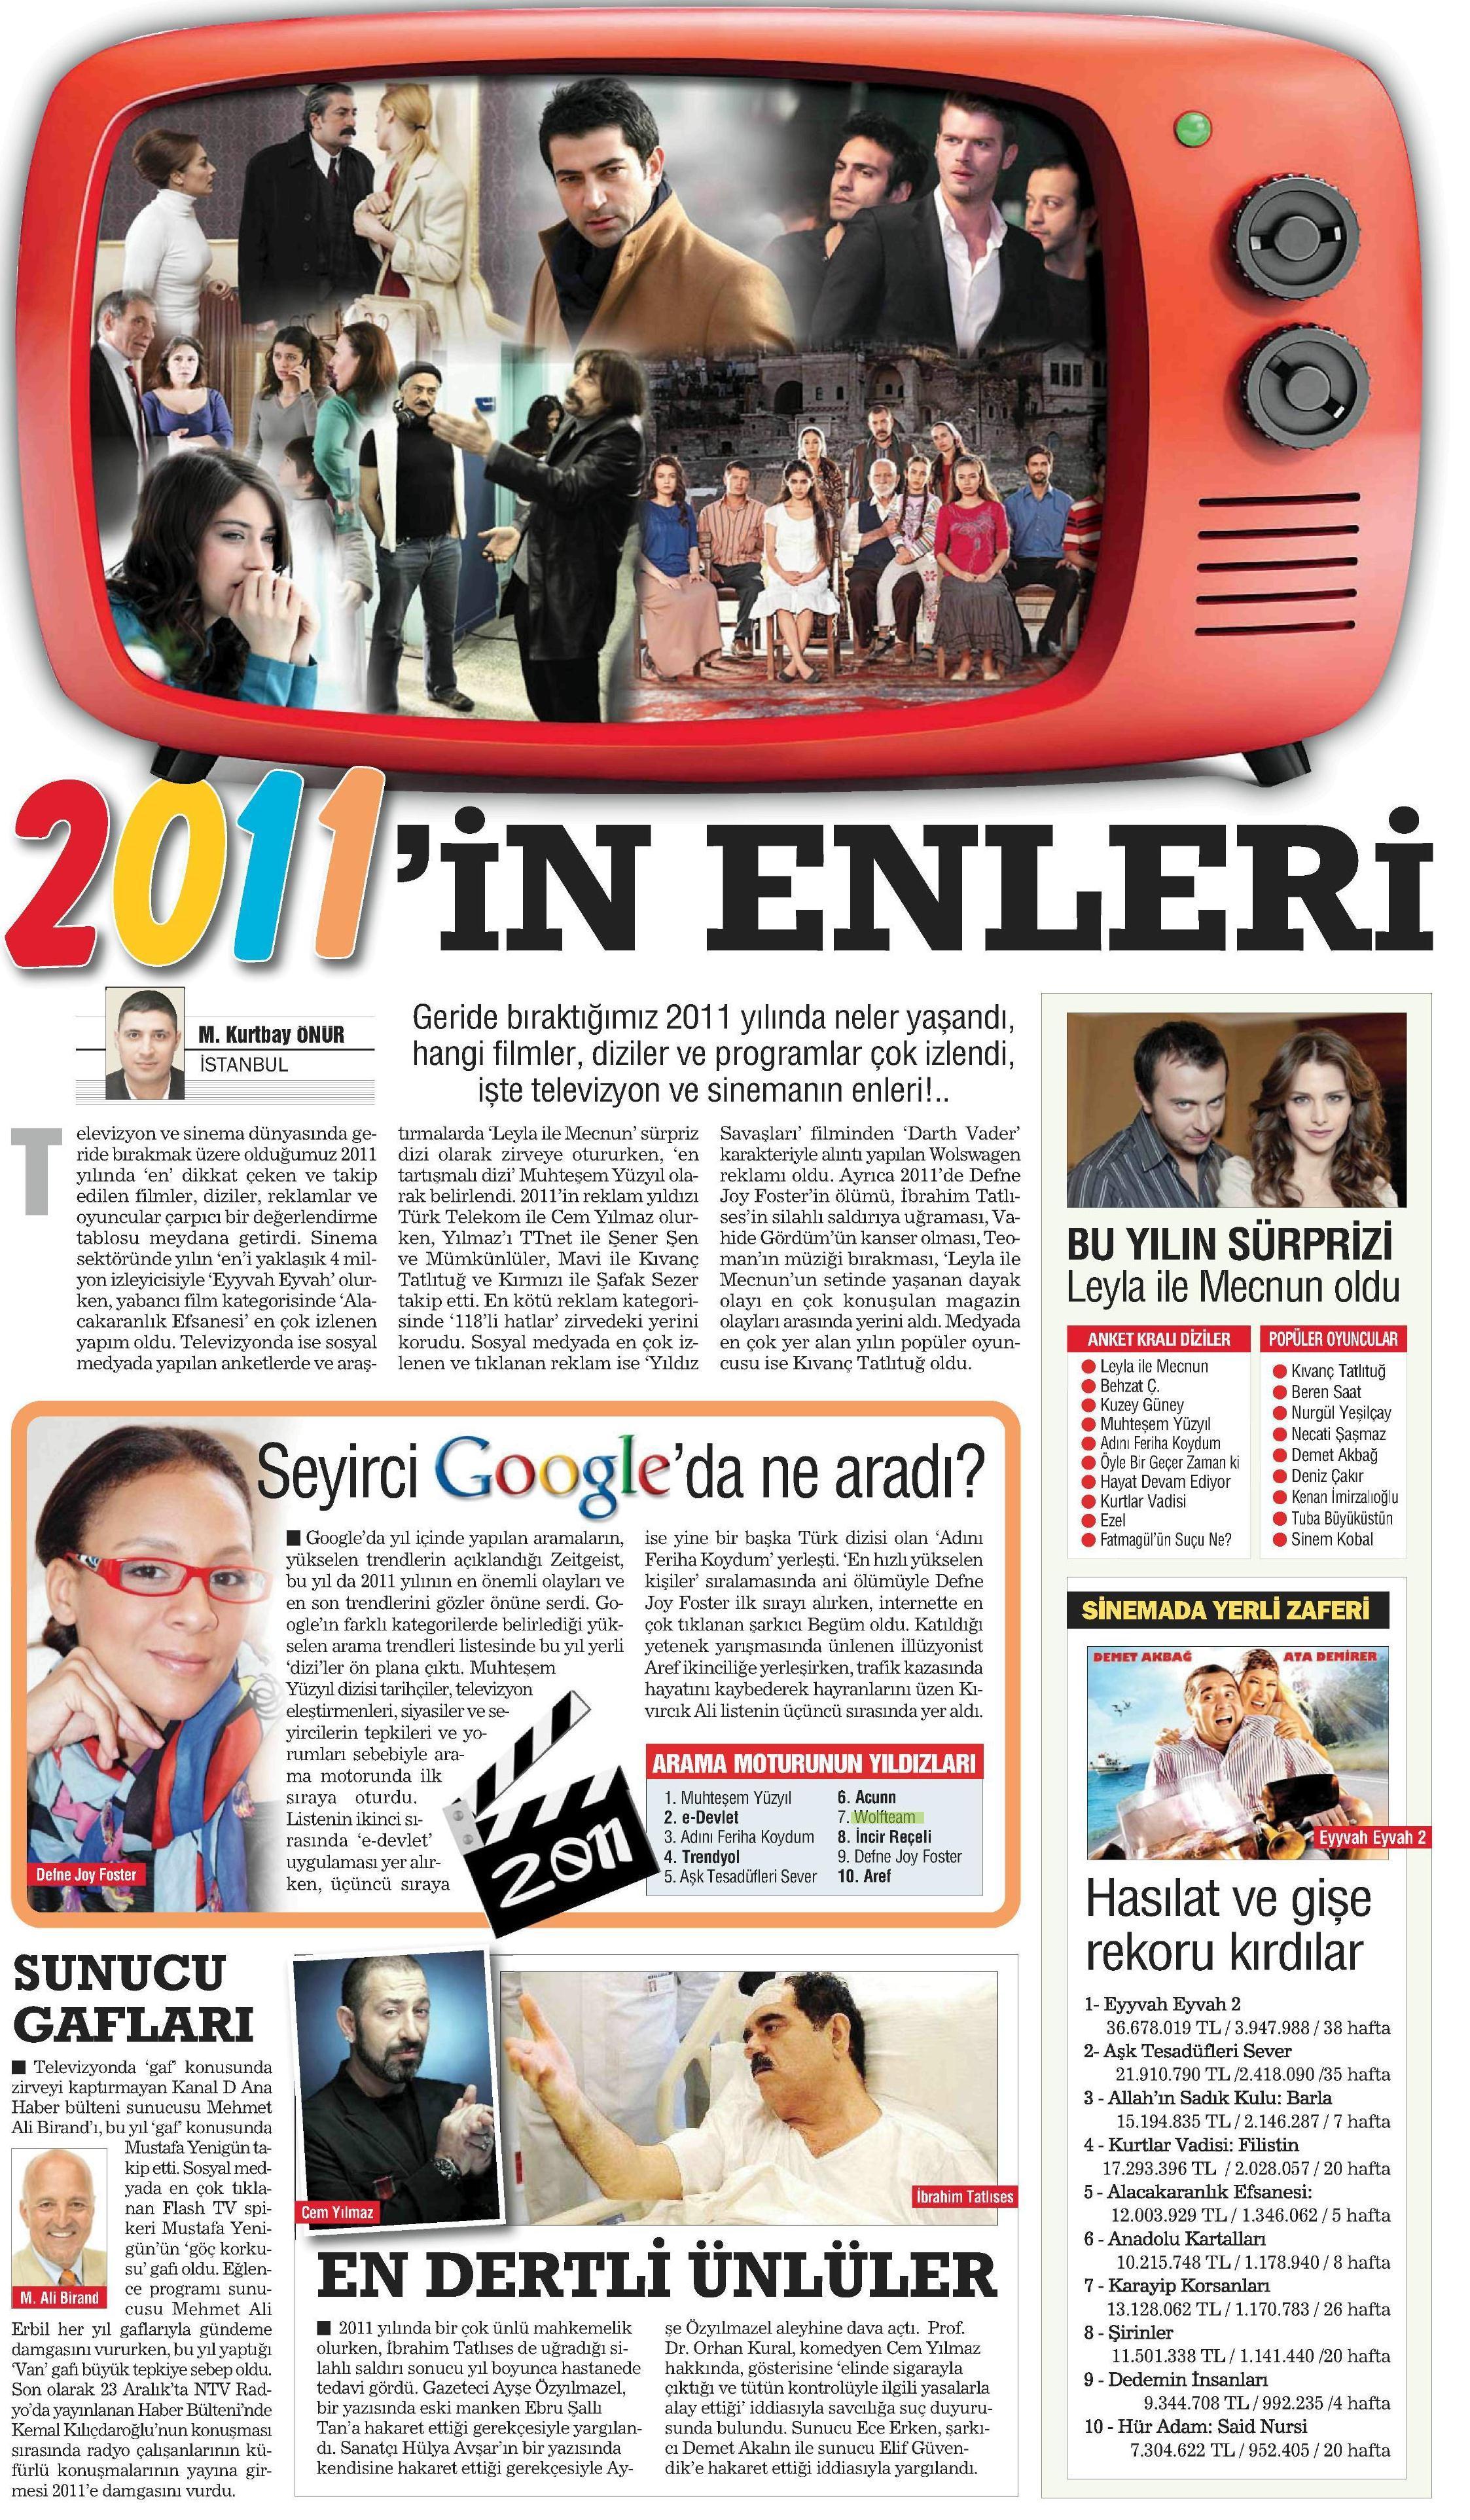 Netmarble-Turkey-Basin-Yansimasi-Turkiye-Gazetesi-29-Aralik-2011